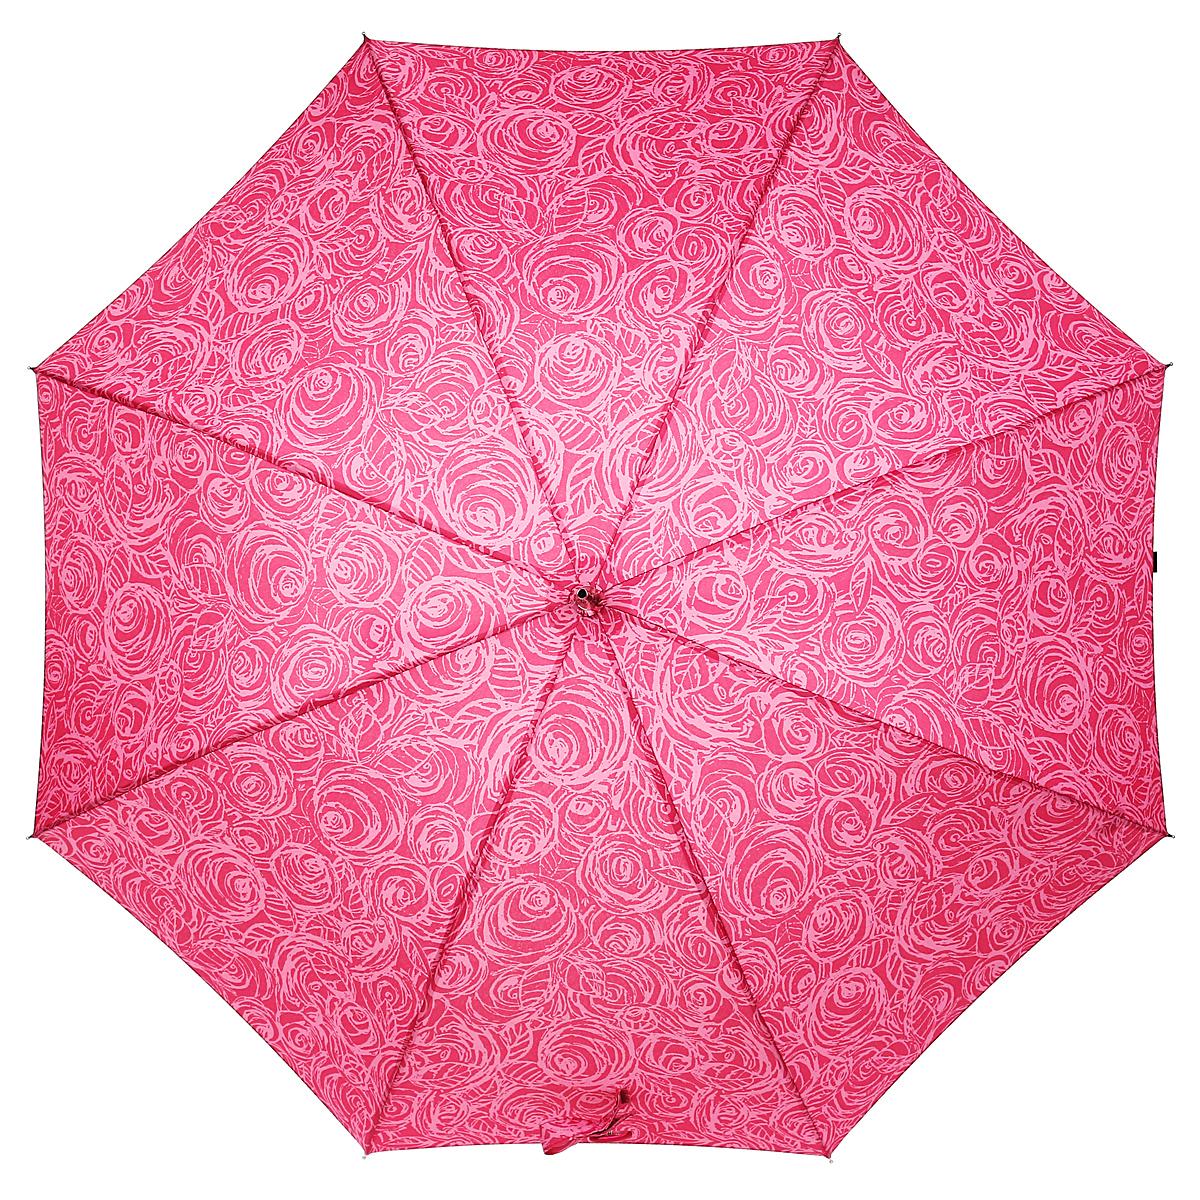 Зонт-трость Fulton Eliza, механический, женский, цвет: розовый. L600 3F2634L600-2634Стильный механический зонт-трость Fulton Eliza даже в ненастную погоду позволит вам оставаться элегантной. Каркас зонта выполнен из восьми спиц из фибергласса, стержня из алюминия и ручки закругленной формы. Рукоятка разработана с учетом требований эргономики и обтянута искусственной кожей. Купол зонта выполнен из прочного полиэстера розового цвета и оформлен цветочным принтом. Закрытый купол фиксируется хлястиком на липучке. Зонт оснащен механическим типом сложения: купол открывается и закрывается вручную до характерного щелчка. Зонт-трость Eliza не только надежно защитит вас от дождя, но и станет стильным аксессуаром. Характеристики: Материал: полиэстер, фибергласс, алюминий, пластик, искусственная кожа. Вес: 270 г.